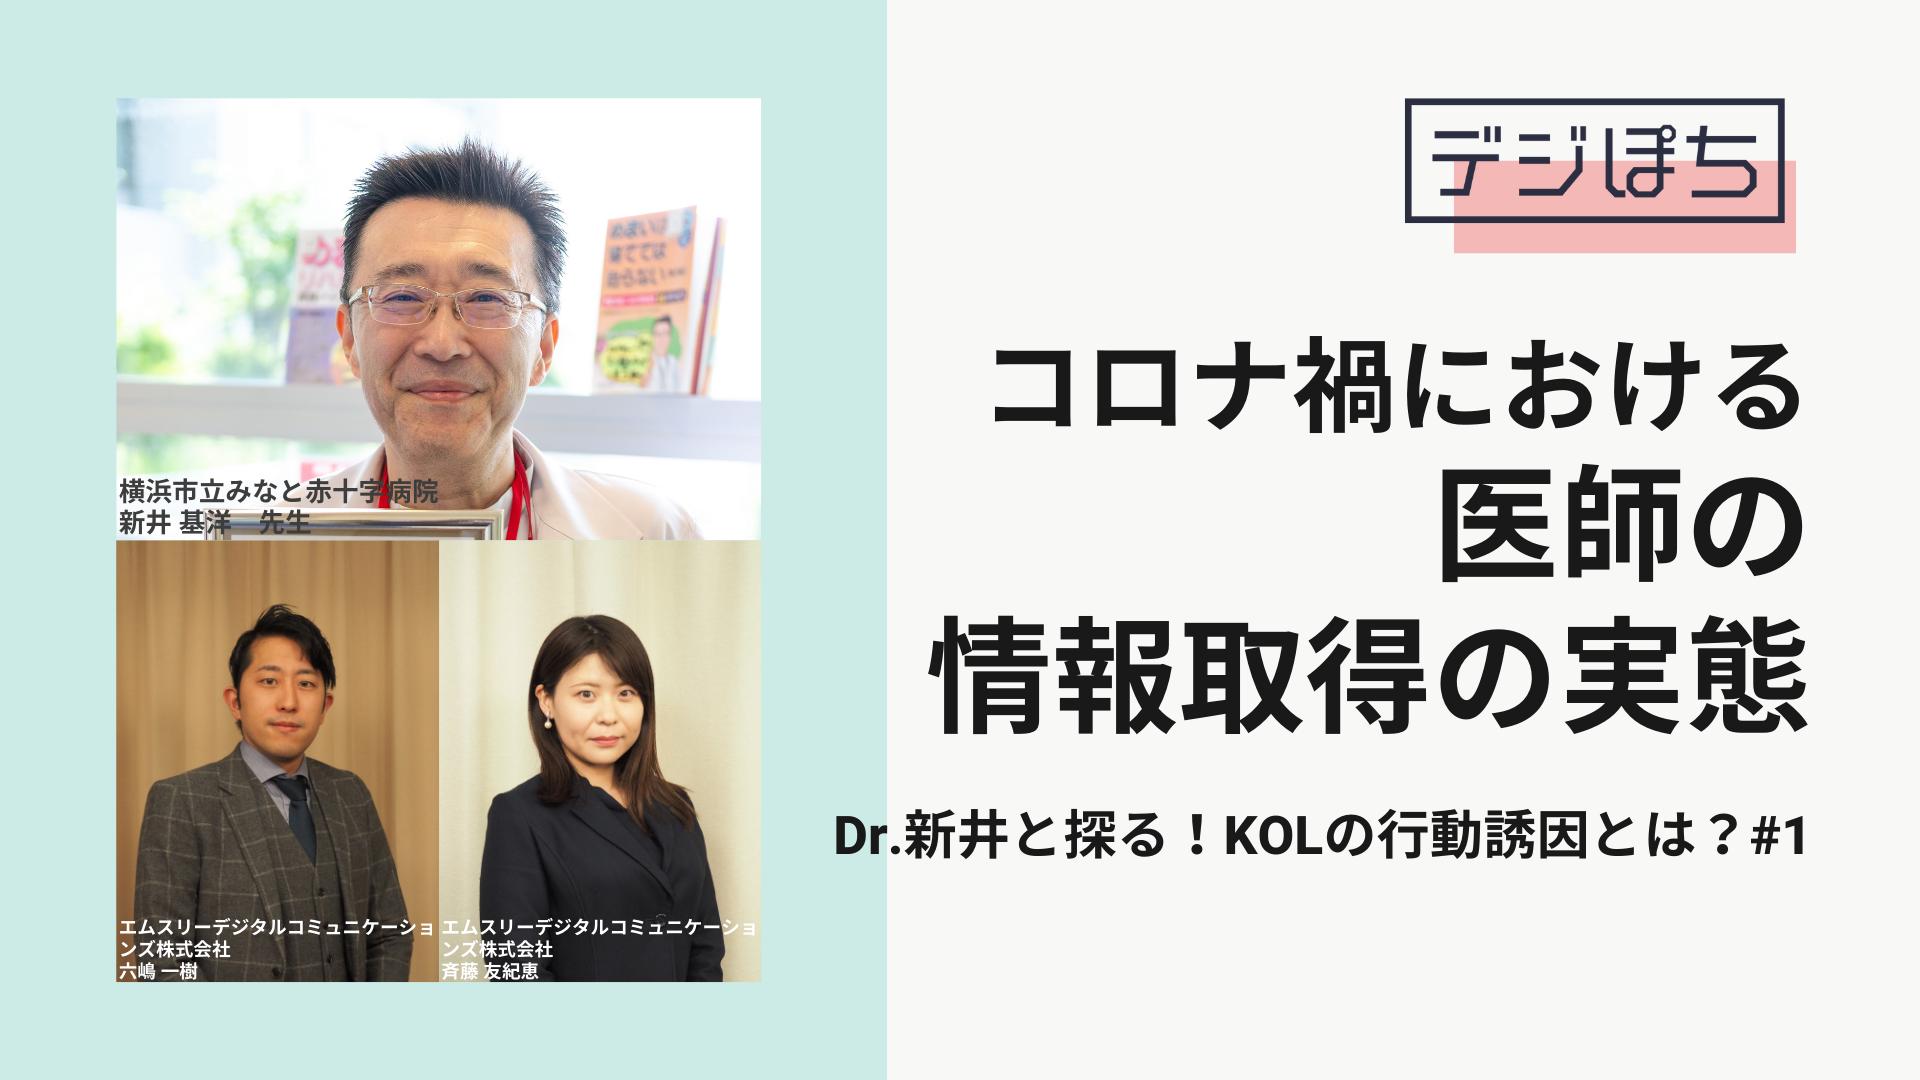 コロナ禍における医師の情報取得の実態~Dr.新井と探る!KOLの行動誘因とは?#1~